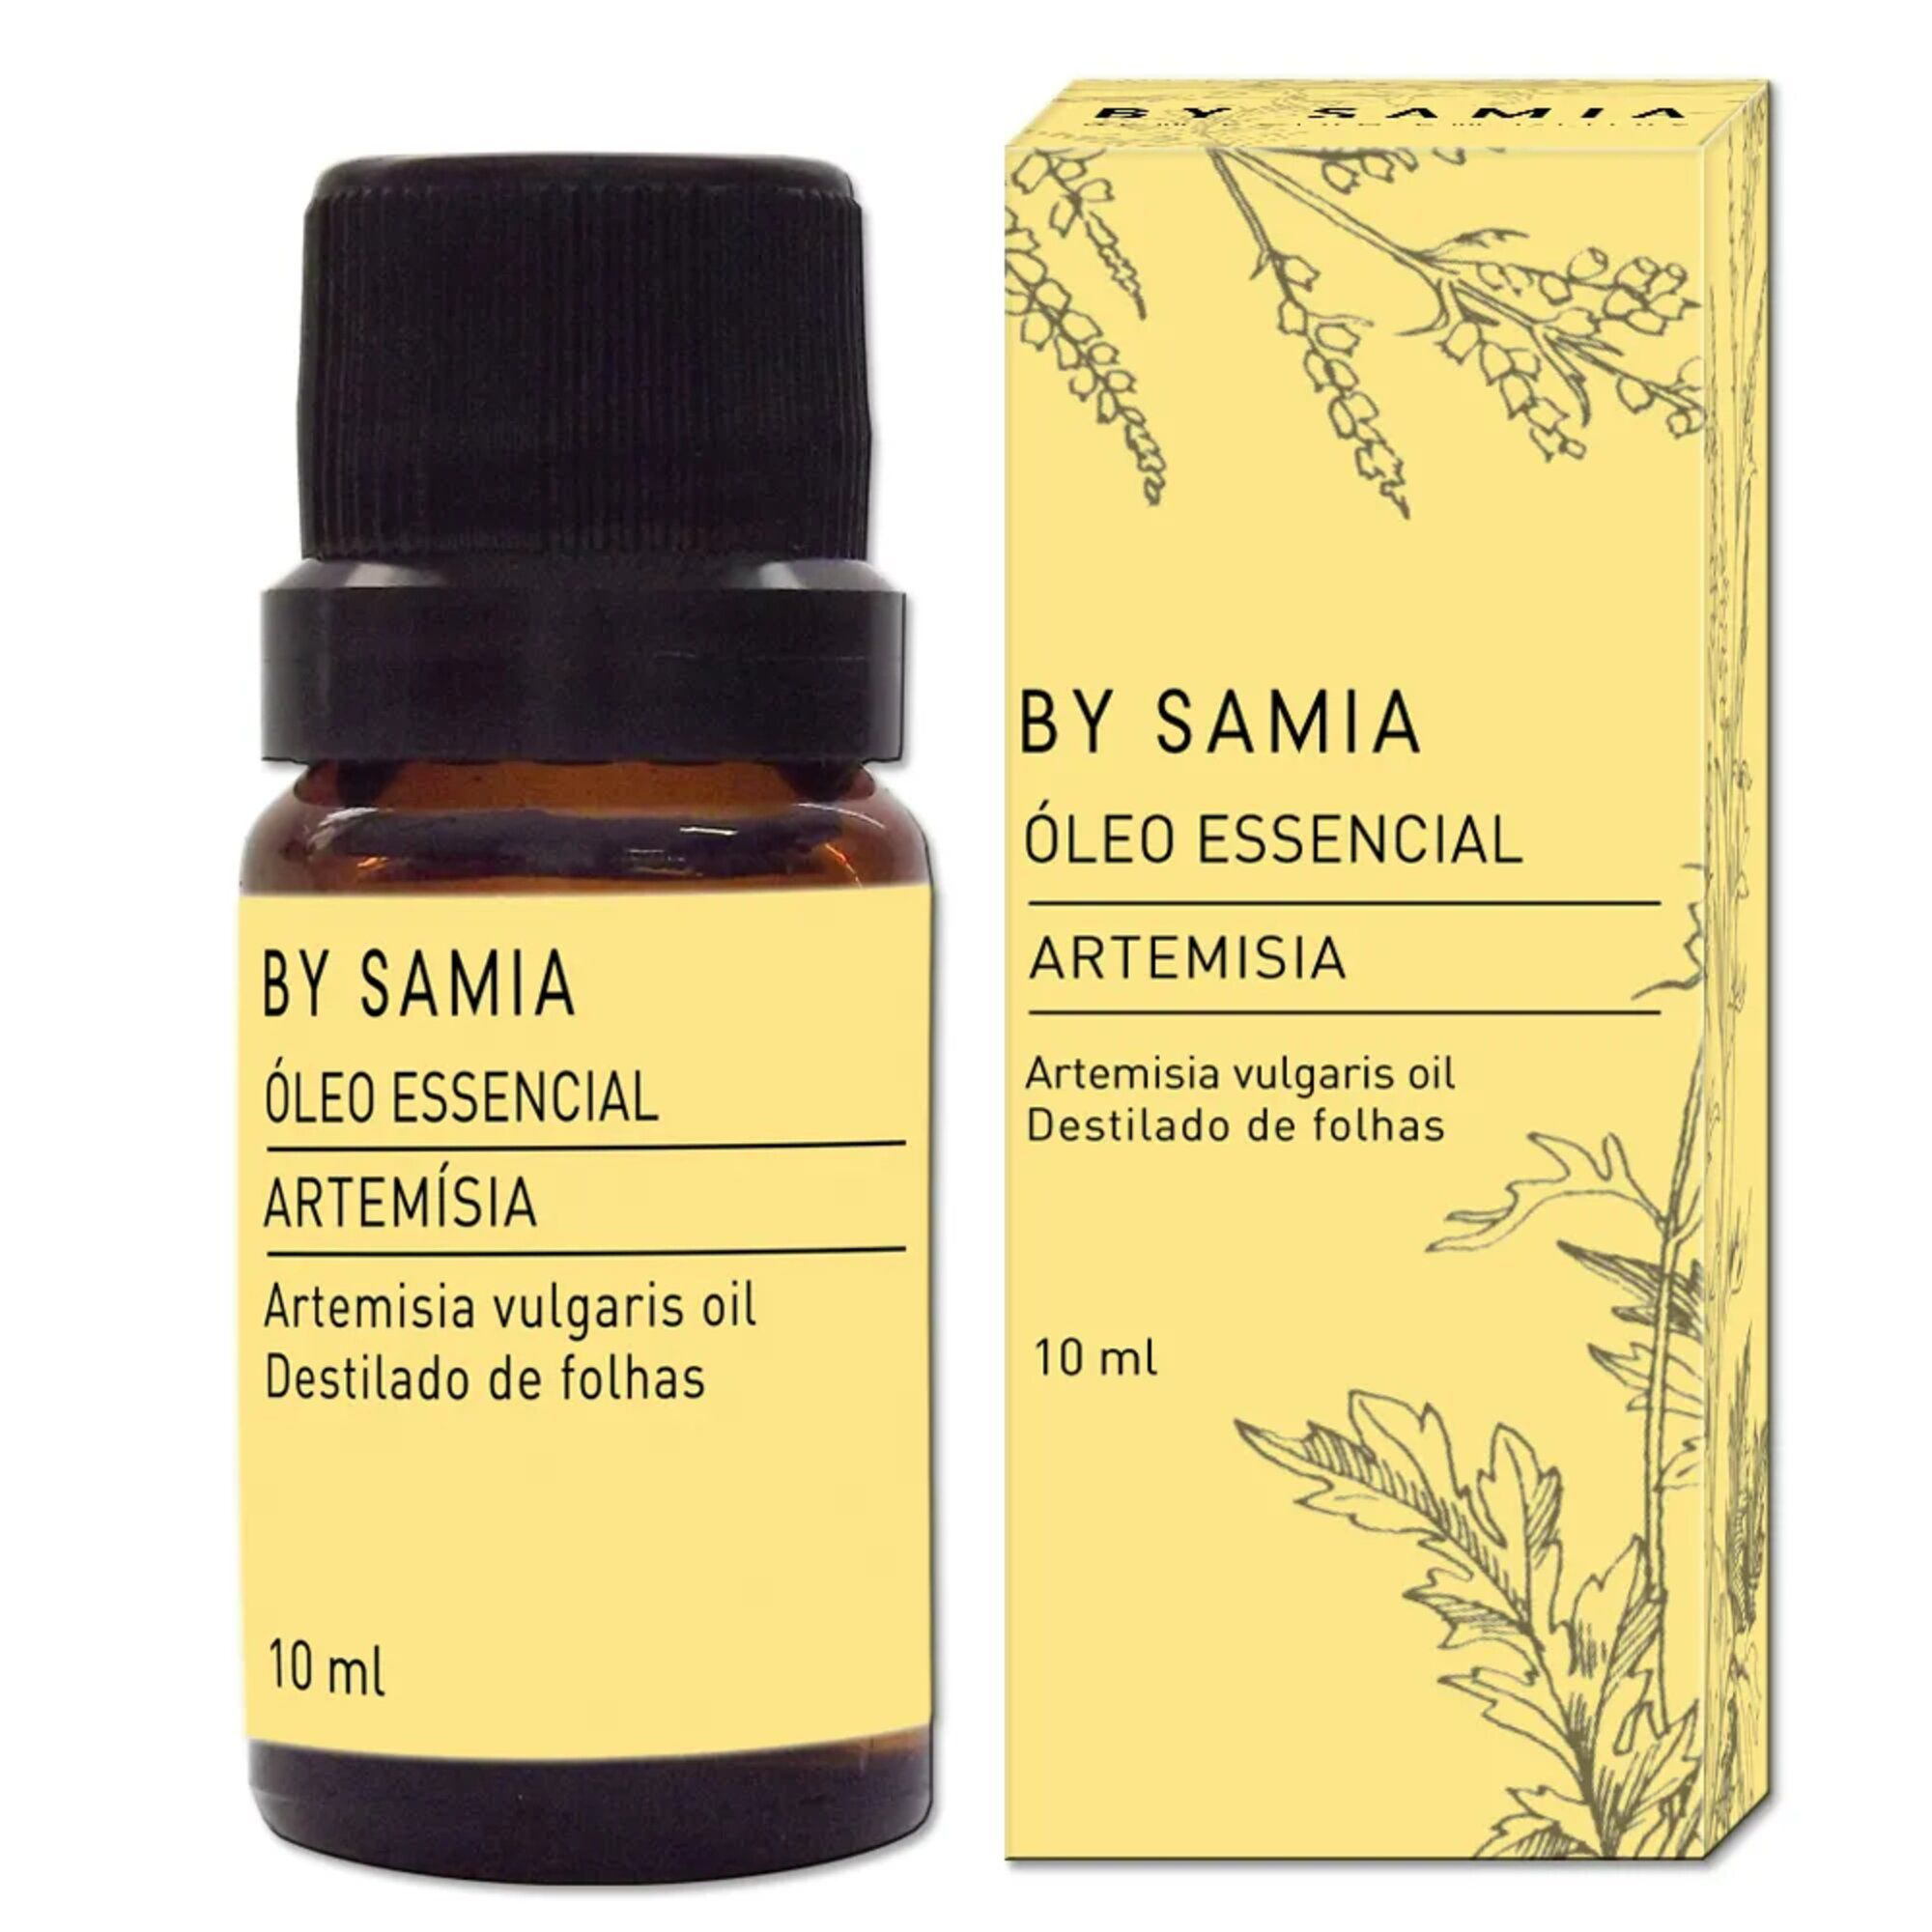 Óleo Essencial Artemisia 10mL By Samia